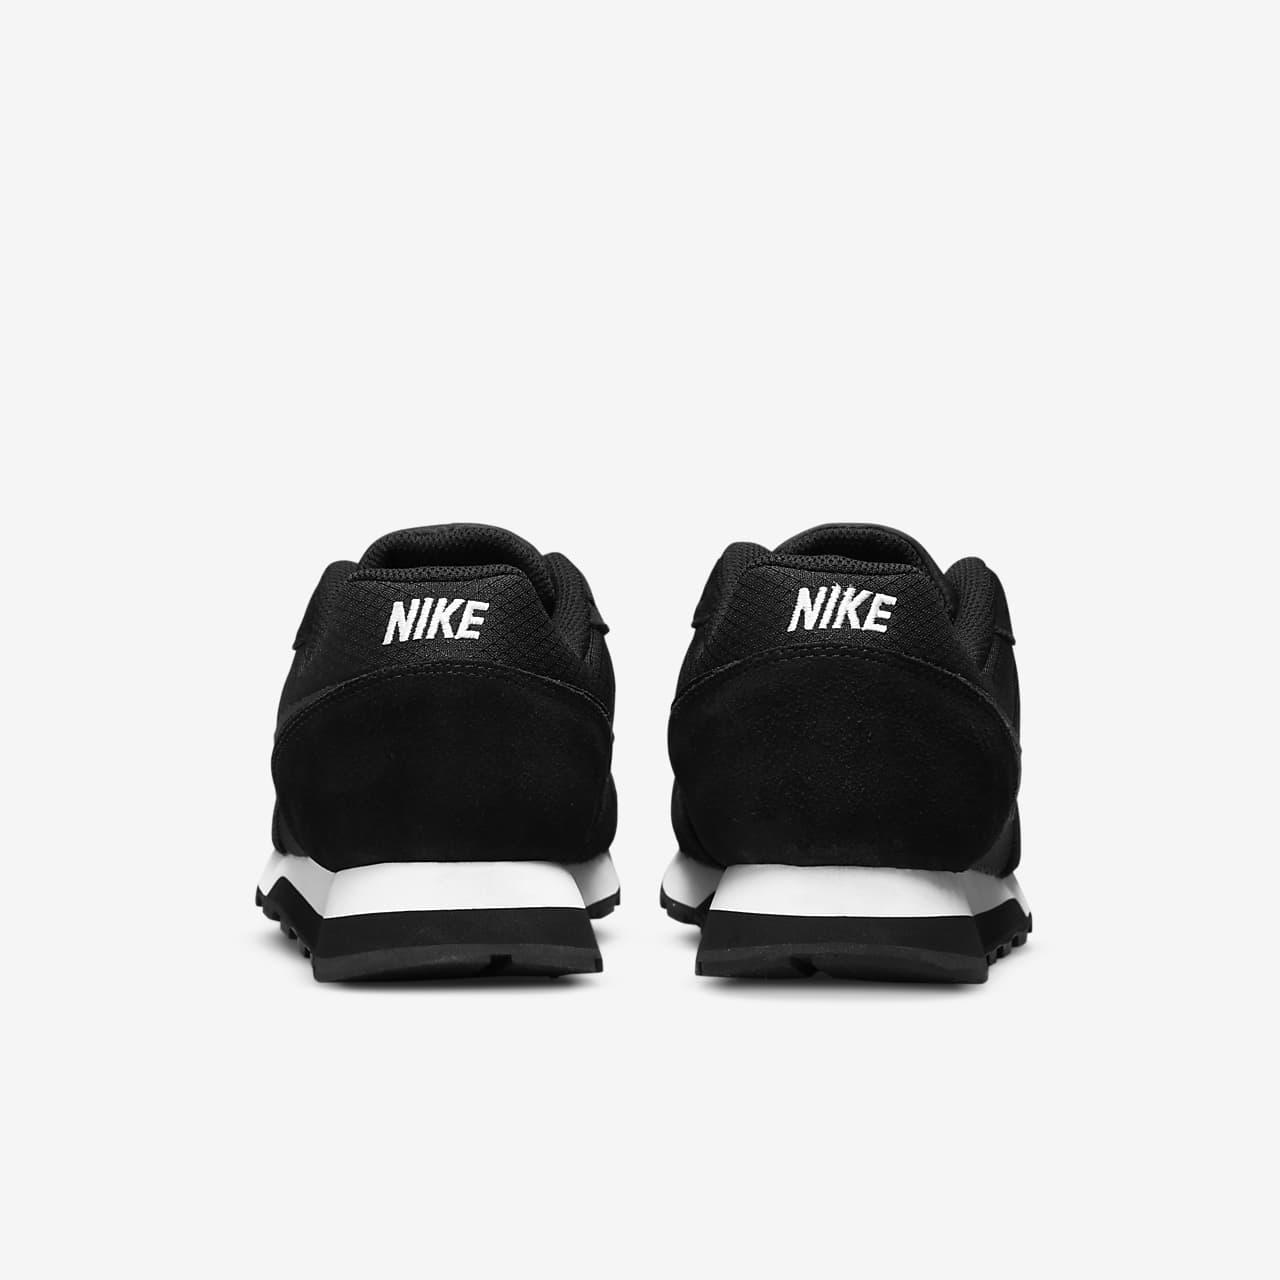 in stock 7edca 4a218 ... Nike MD Runner 2 Zapatillas - Mujer